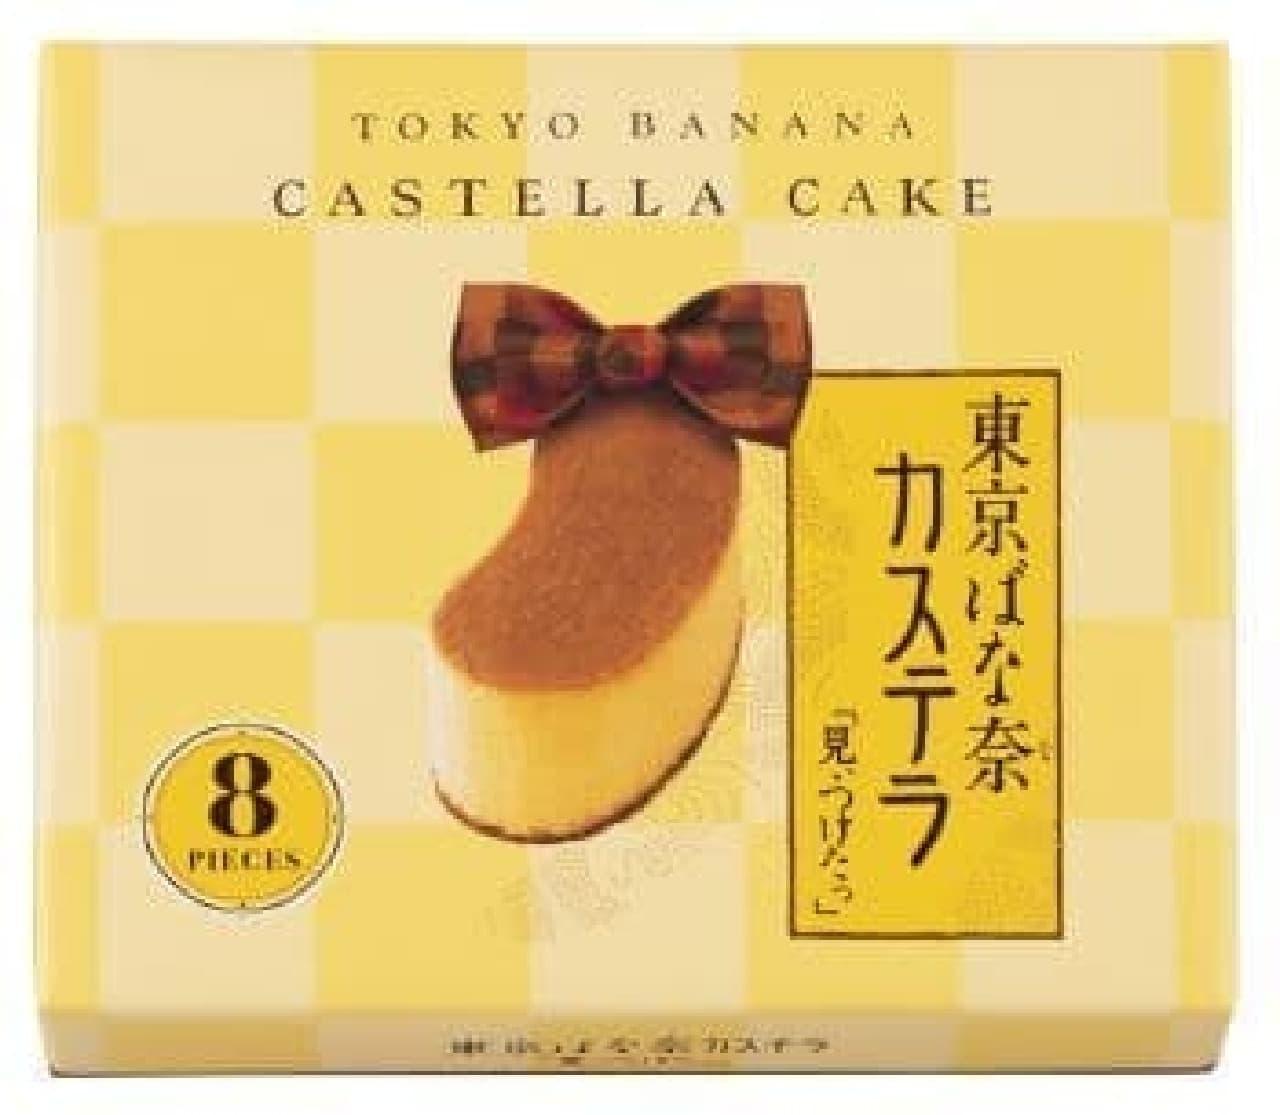 「東京ばな奈カステラ」は伝統的な製法で丁寧に焼きあげたカステラがバナナの形に繰りかれたお菓子